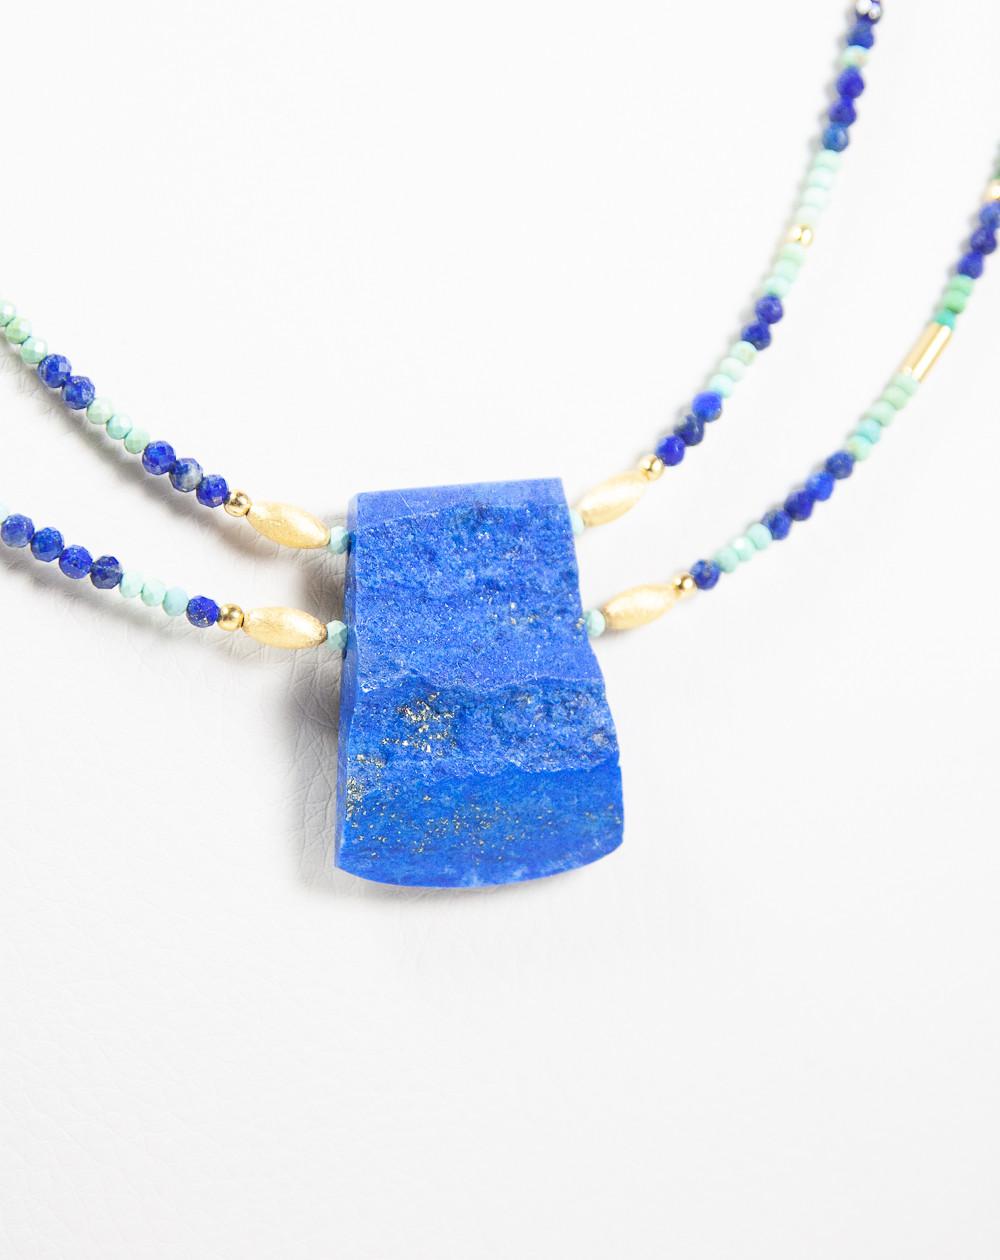 Collier double Turquoise Lapis Lazuli brut, Sanuk création